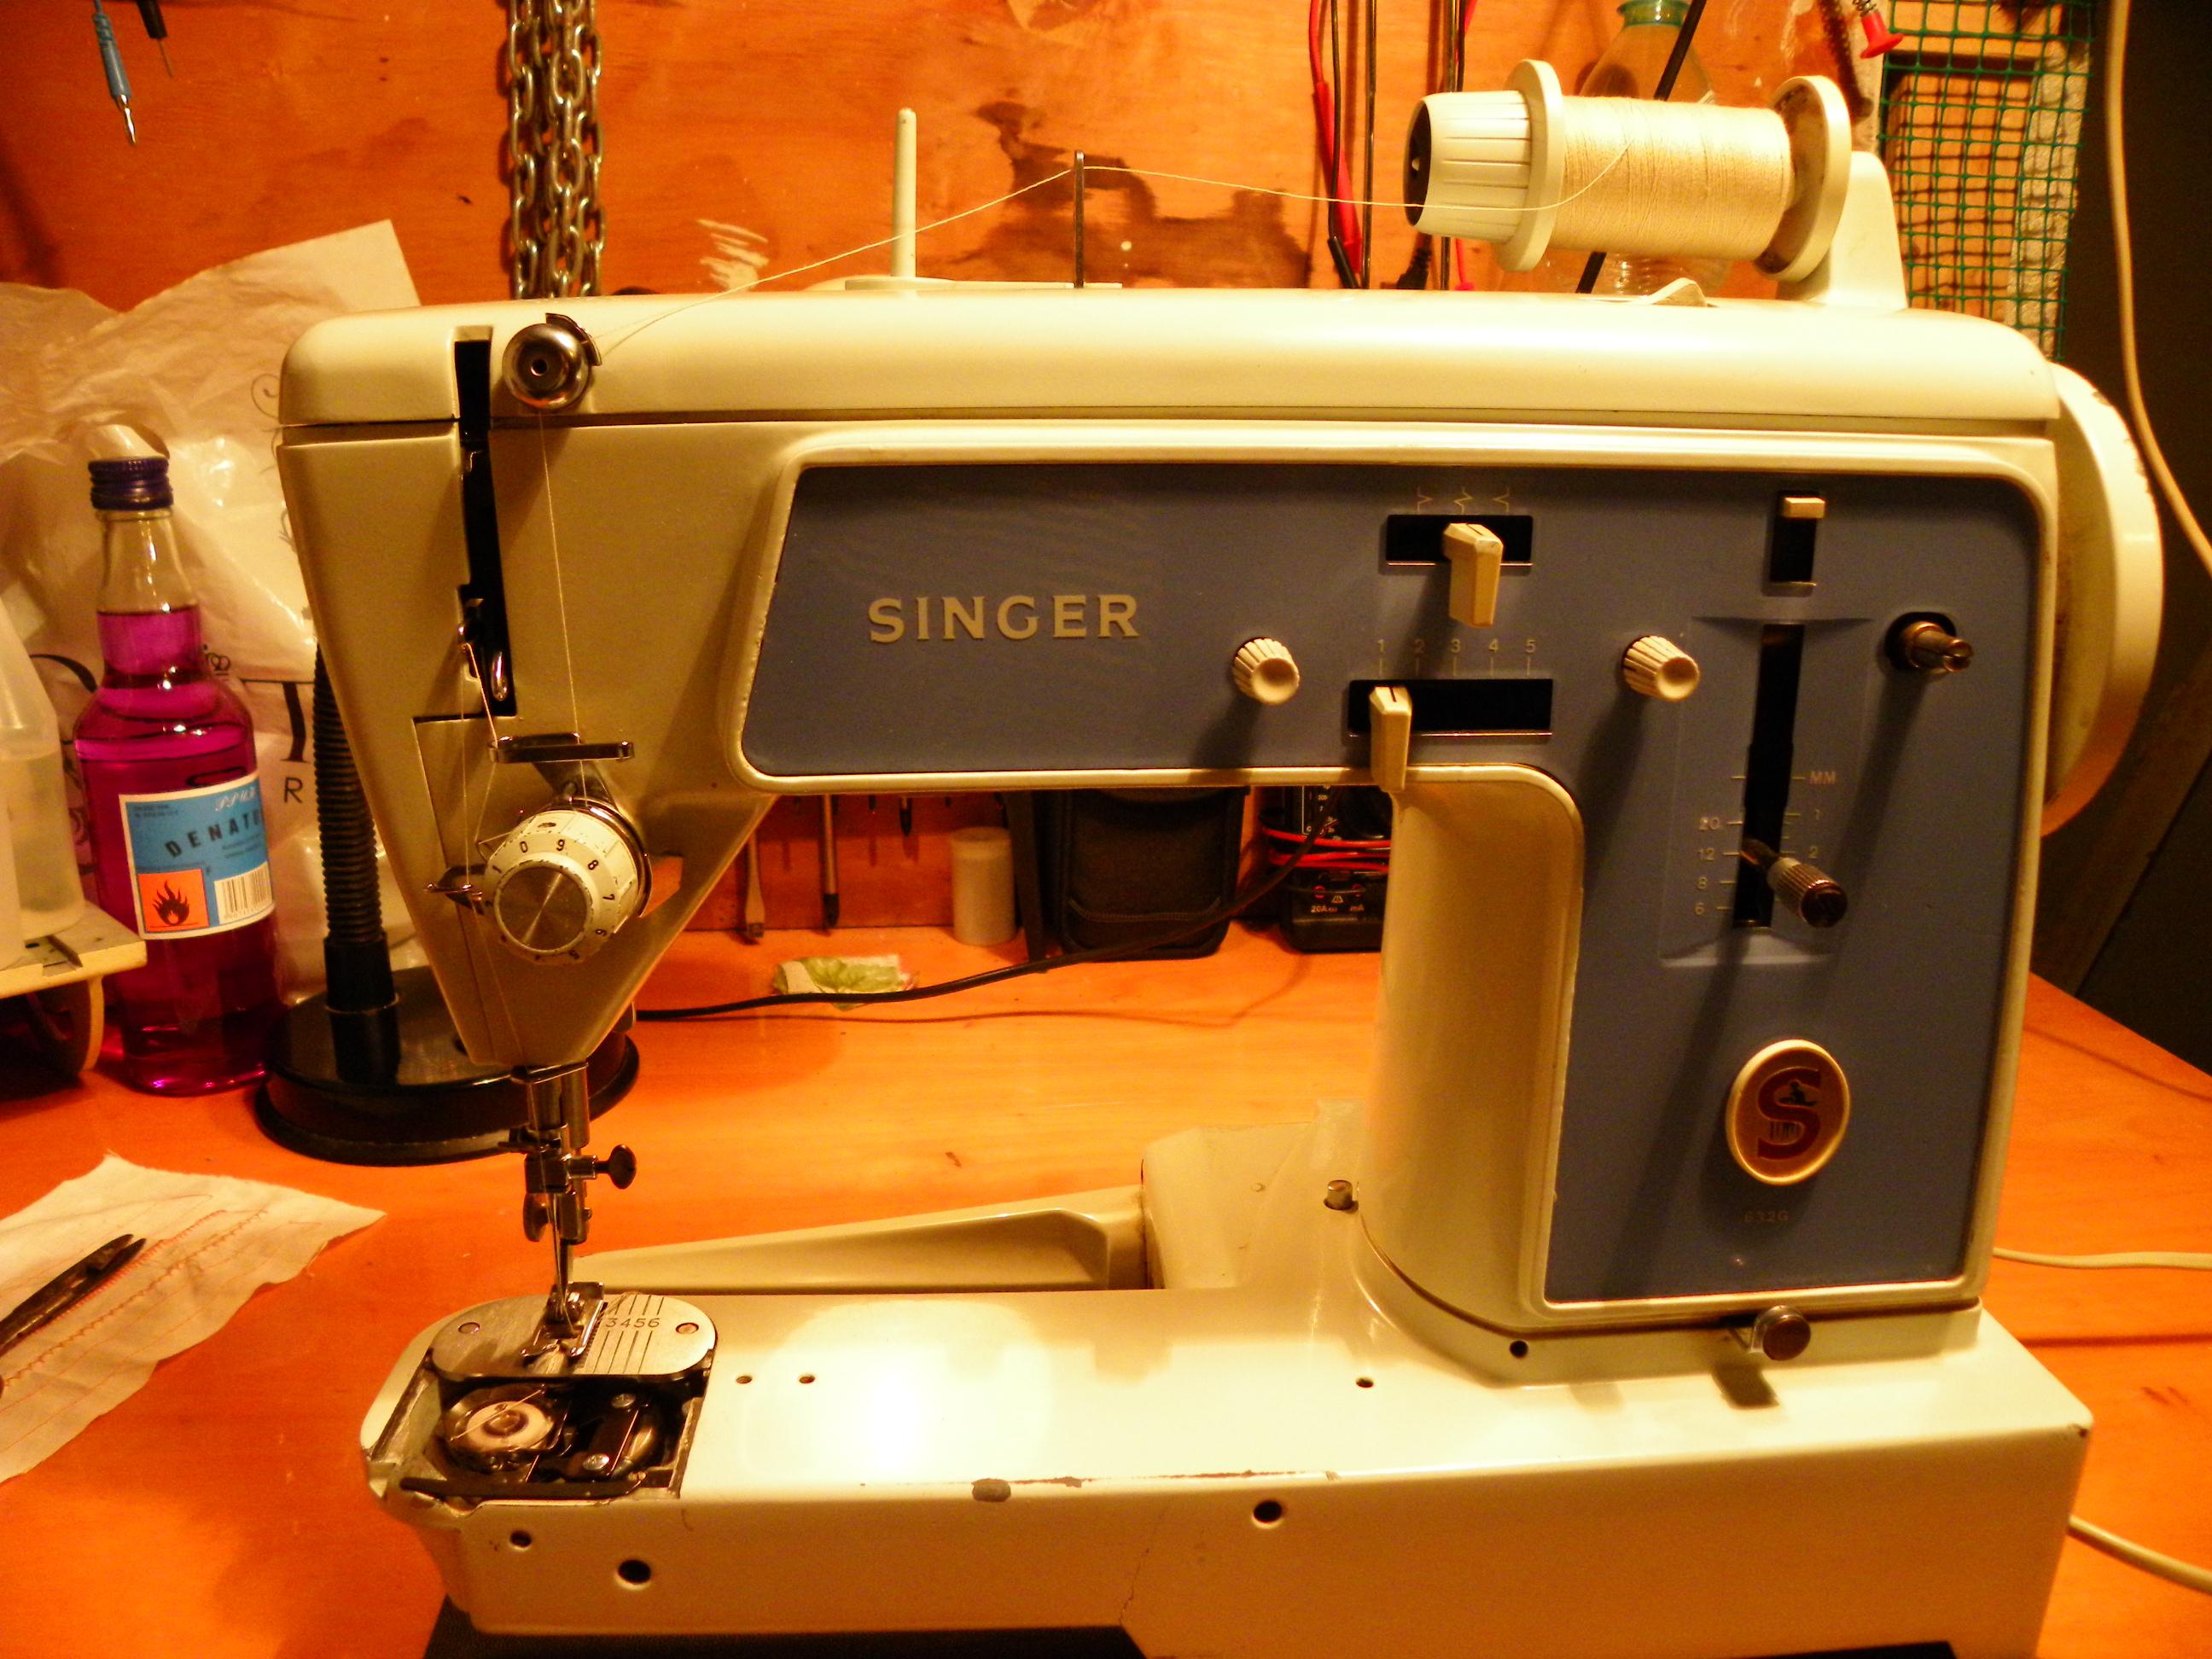 Singer 632g Brak instrukcji obs�ugi.